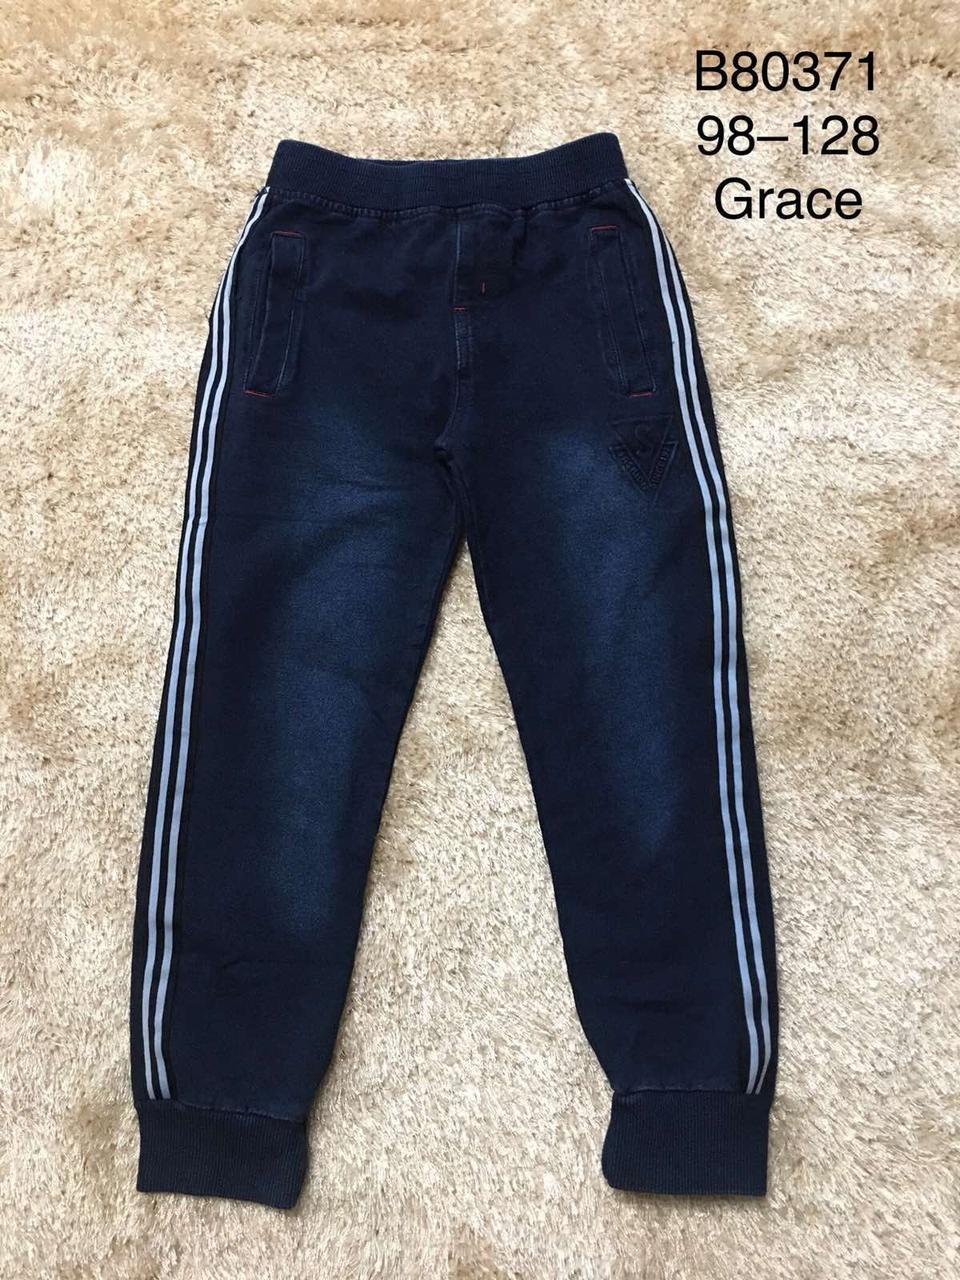 Штаны под джинс утеплённые для мальчиков оптом, Grace, размеры 98-128 см,  арт. B80371